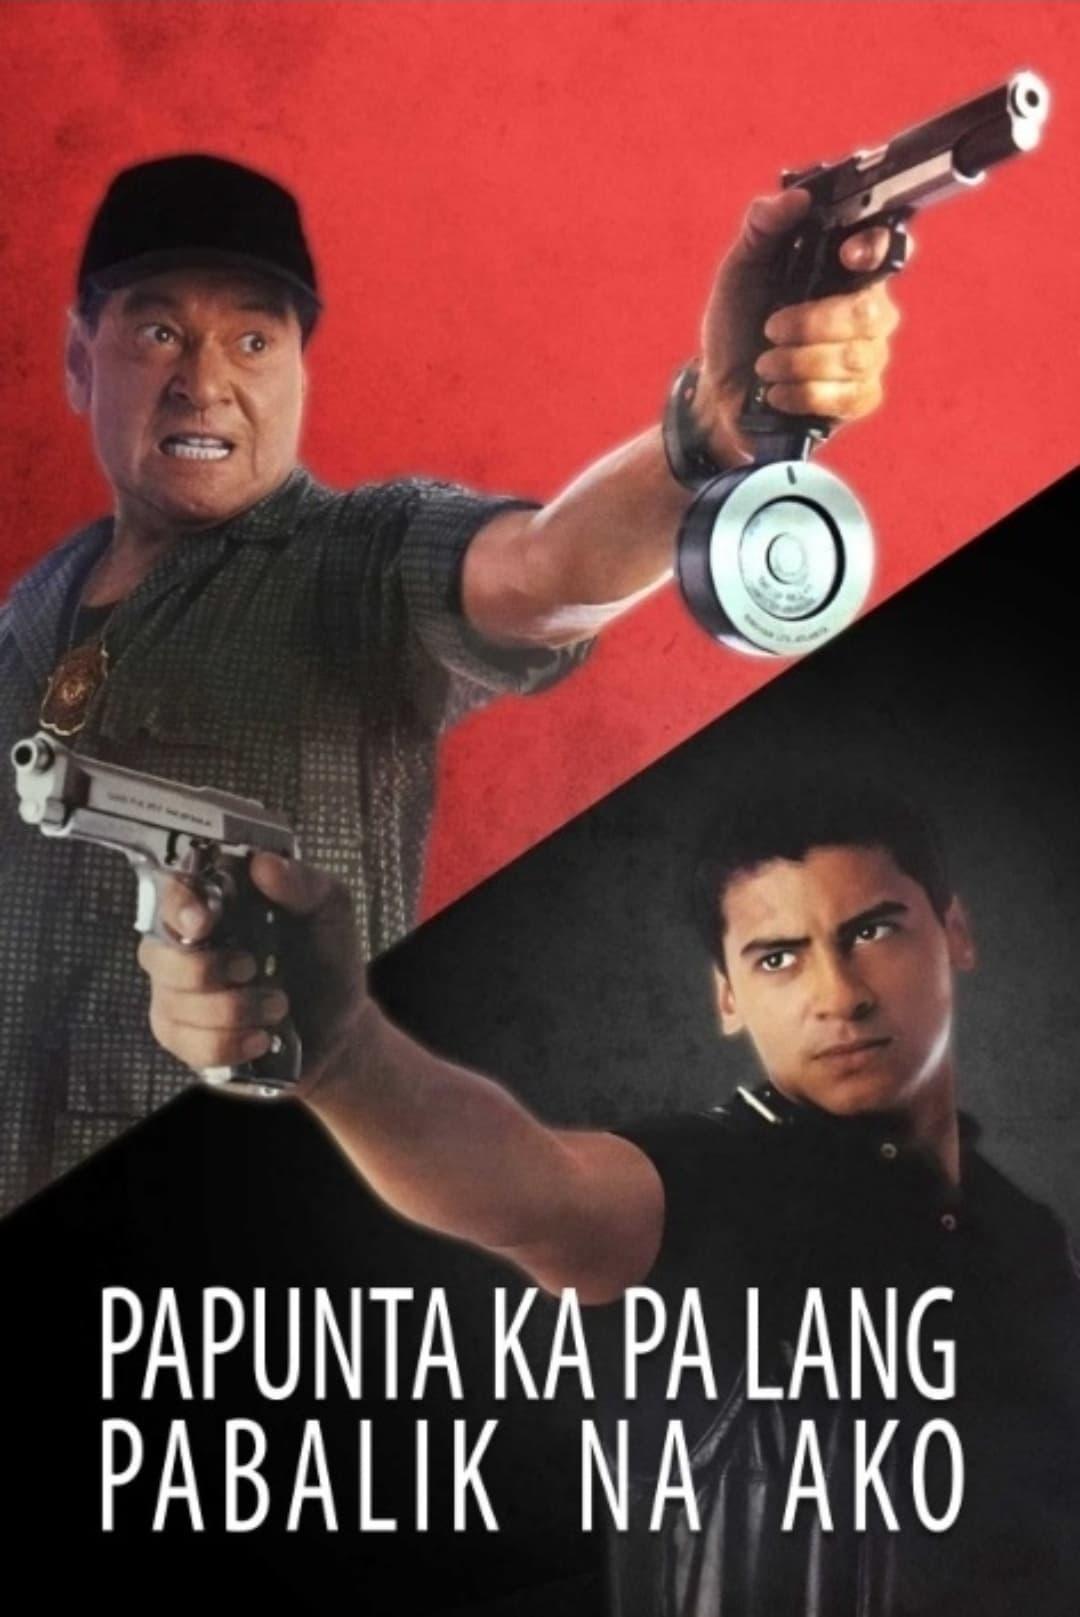 Papunta Ka Pa Lang, Pabalik Na Ako